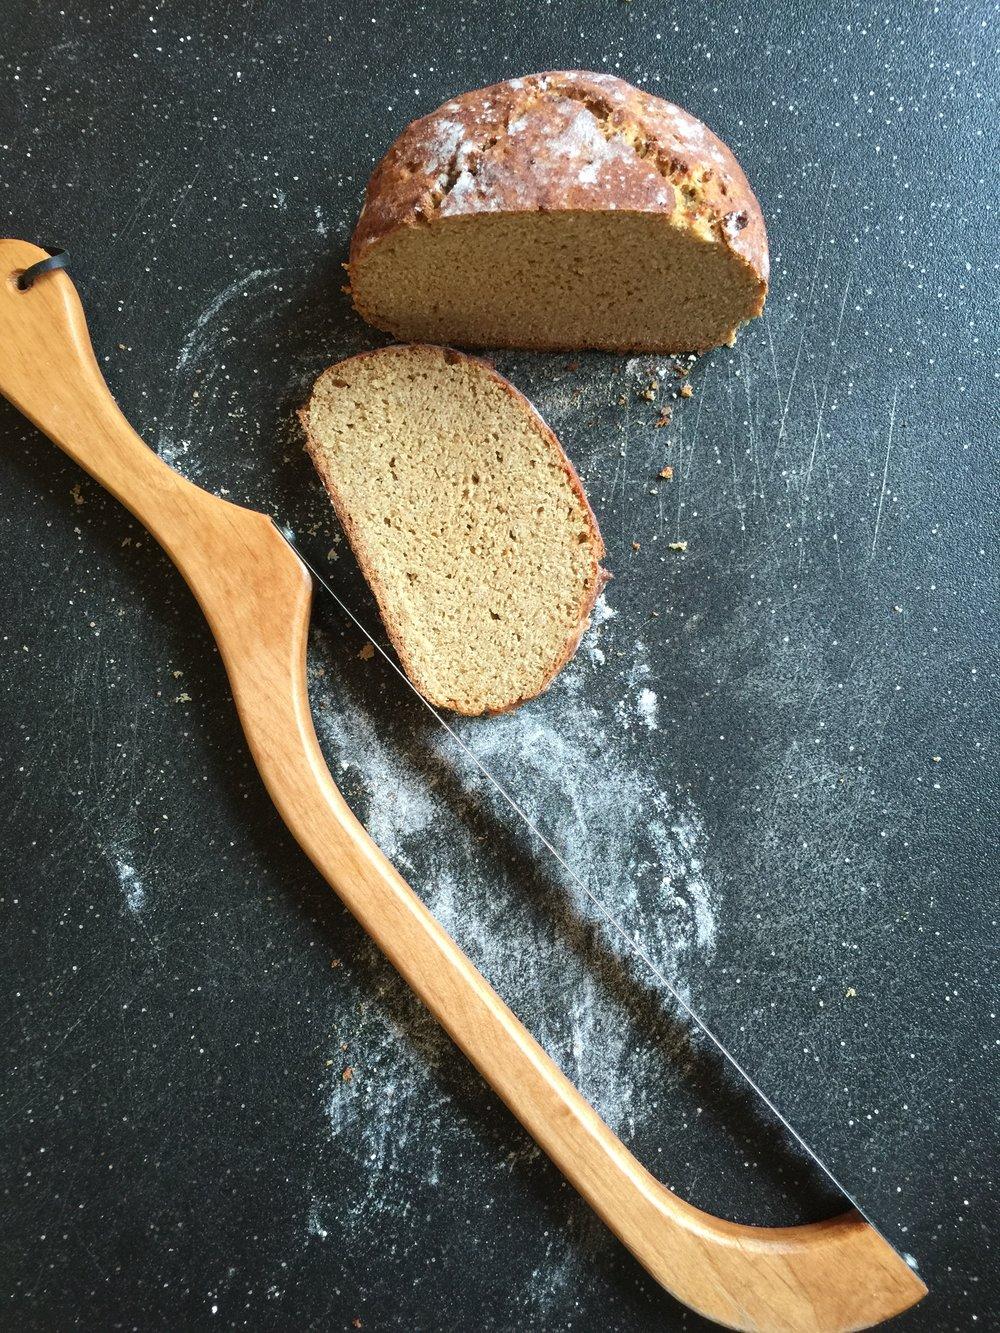 gluten-free whole grain boule